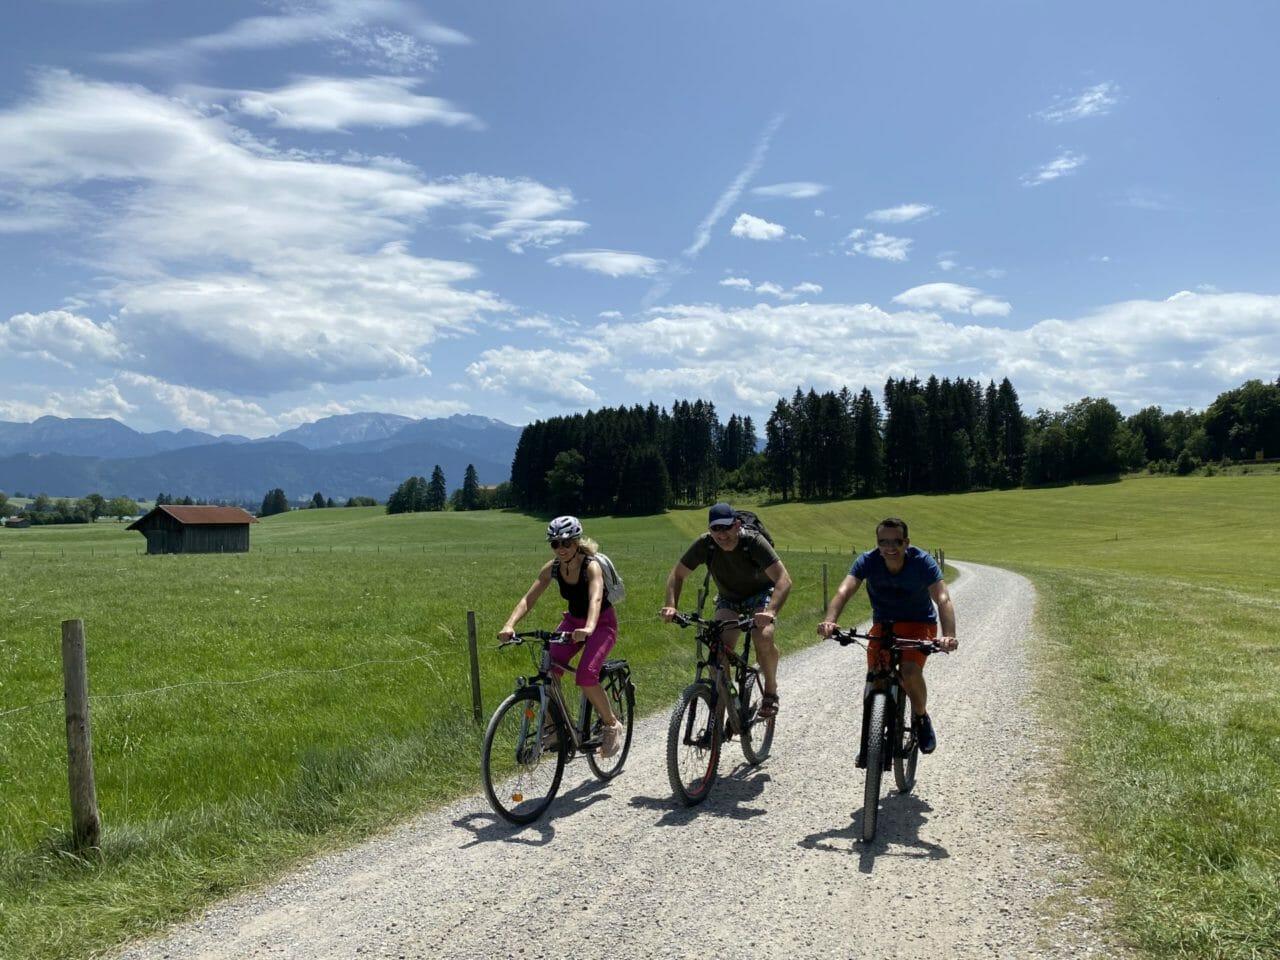 Drei Radfahrer vor einer grünen Wiese und Bäumen